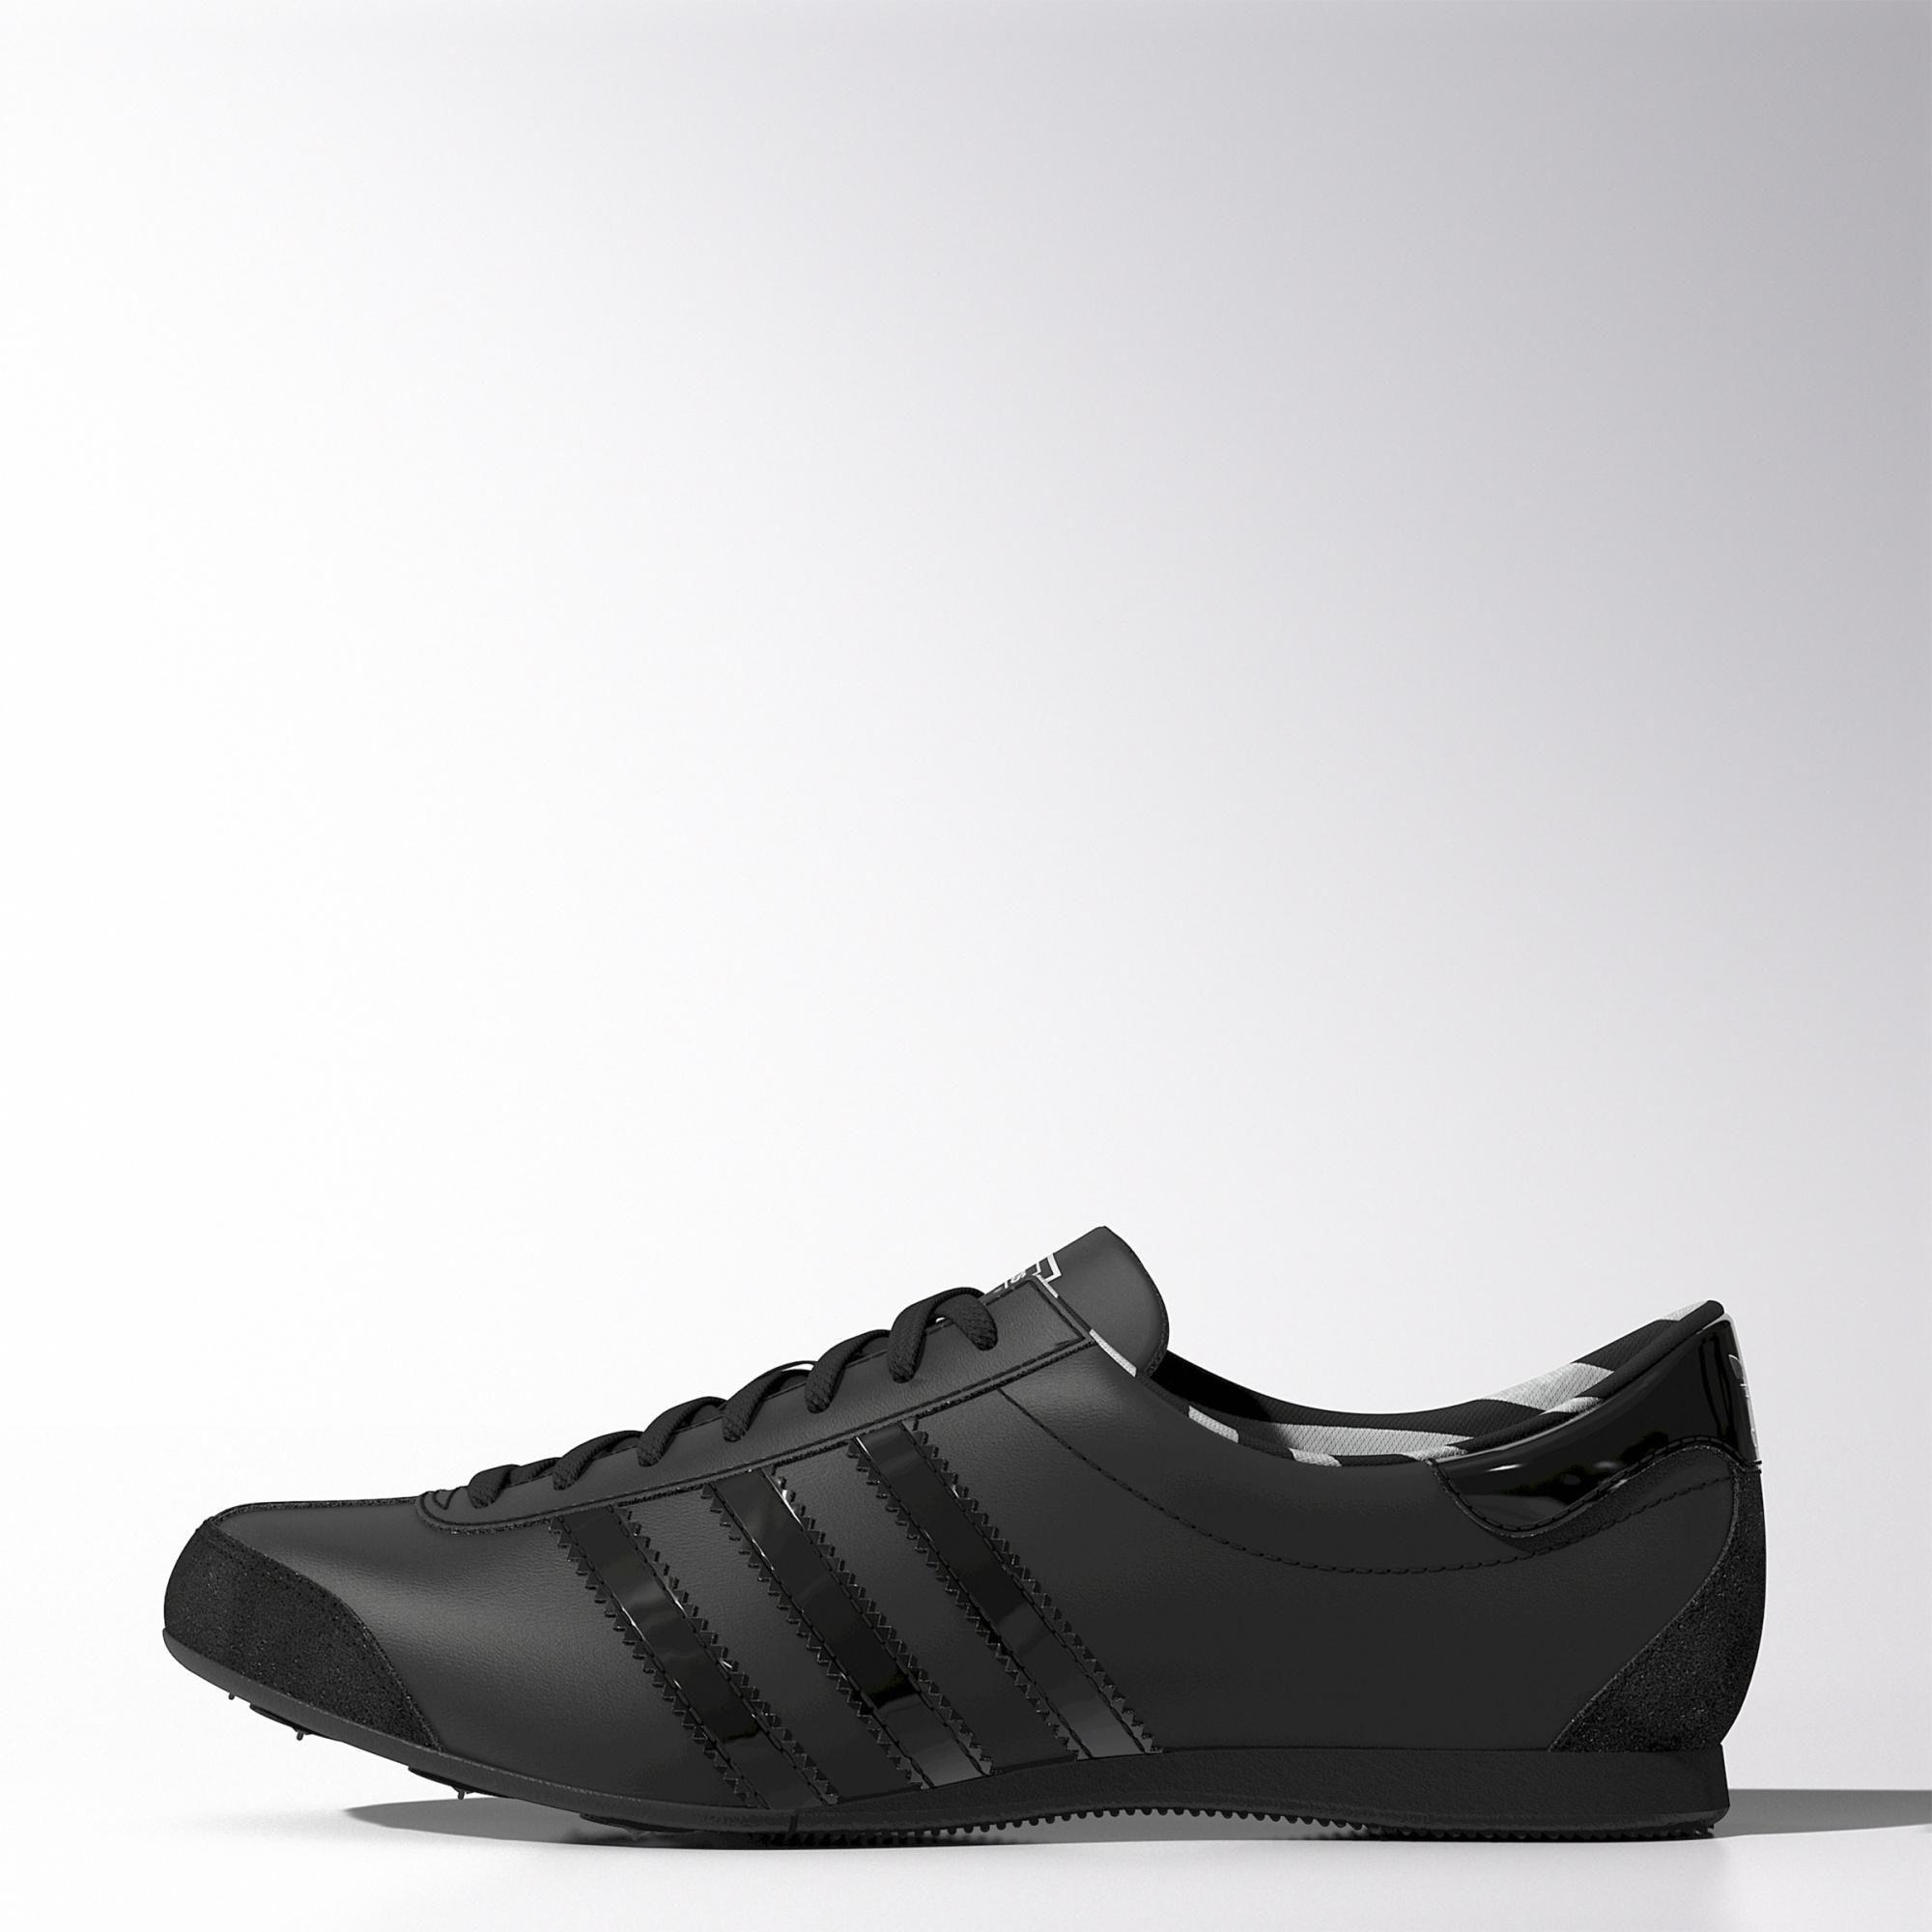 adidas zapatillas mujeres negras